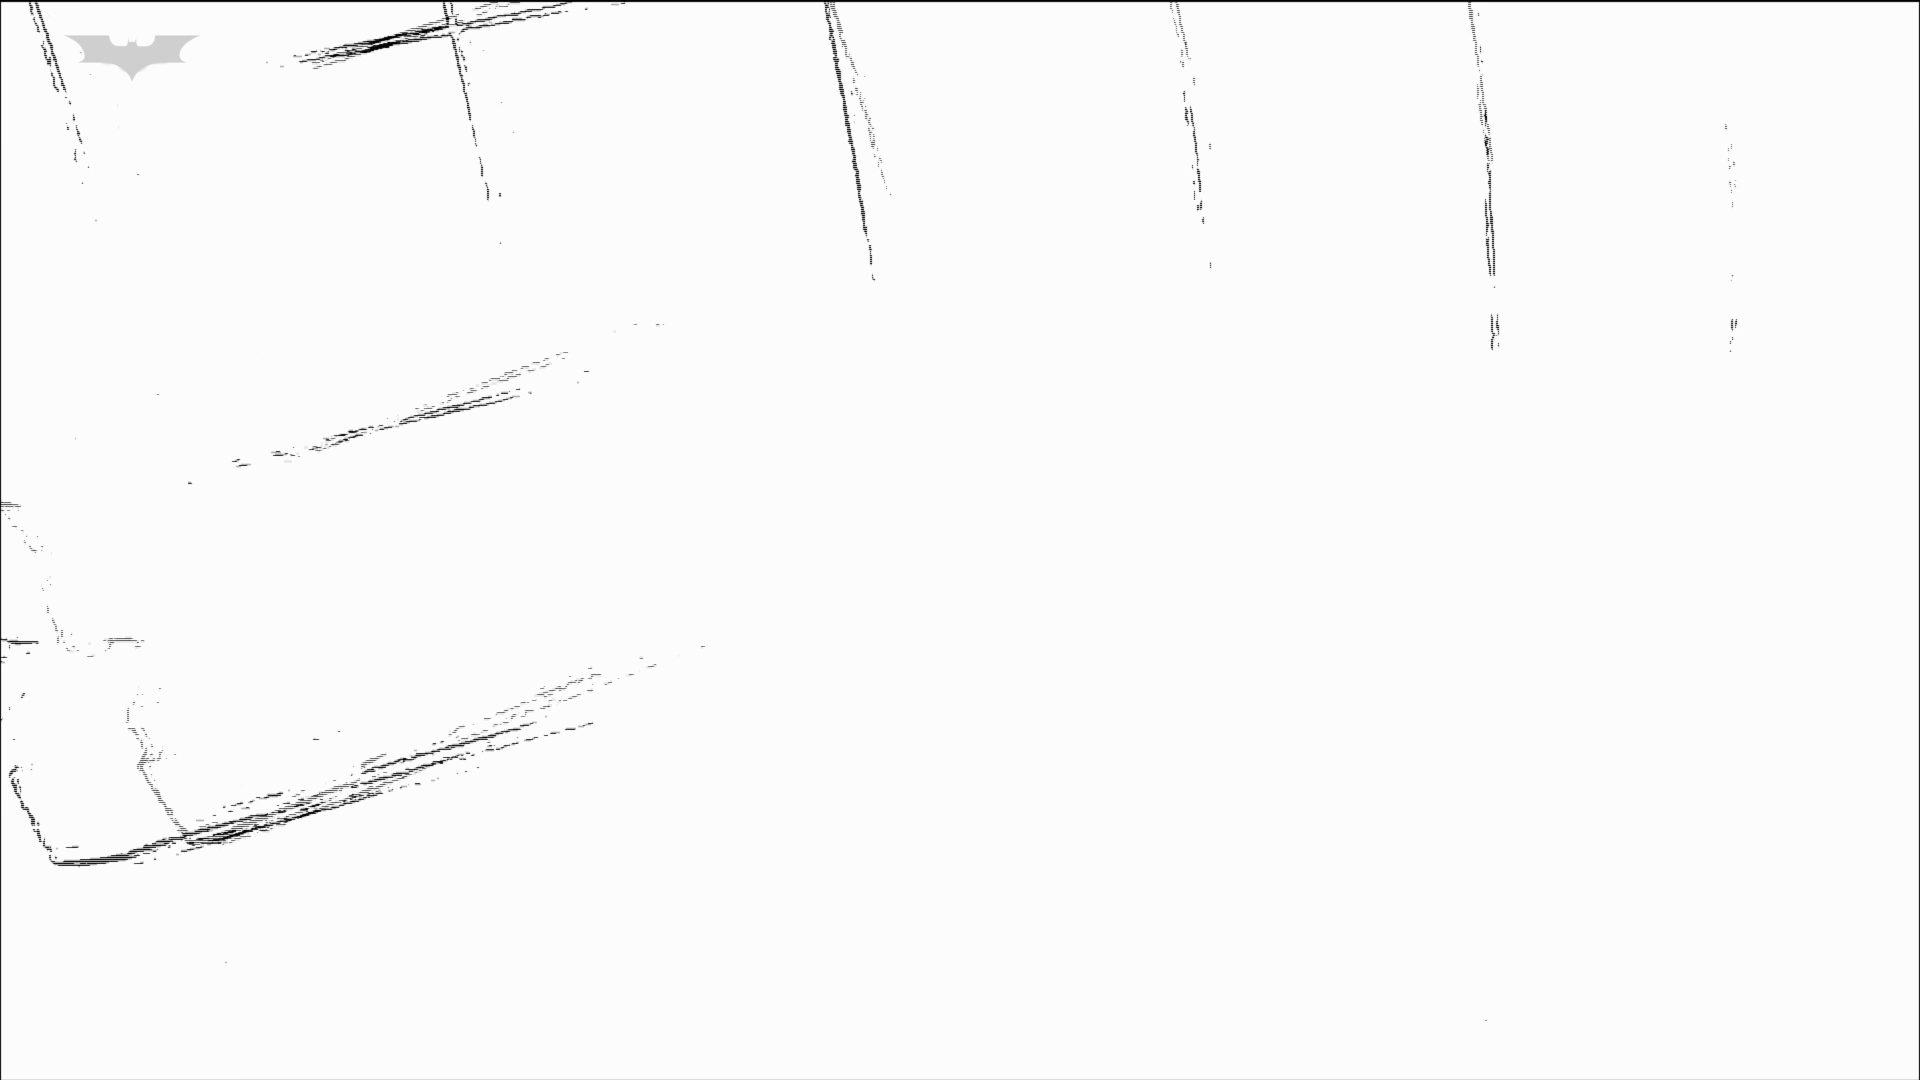 無修正ヌード|美しい日本の未来 No.19 顔全部撮れた2|怪盗ジョーカー